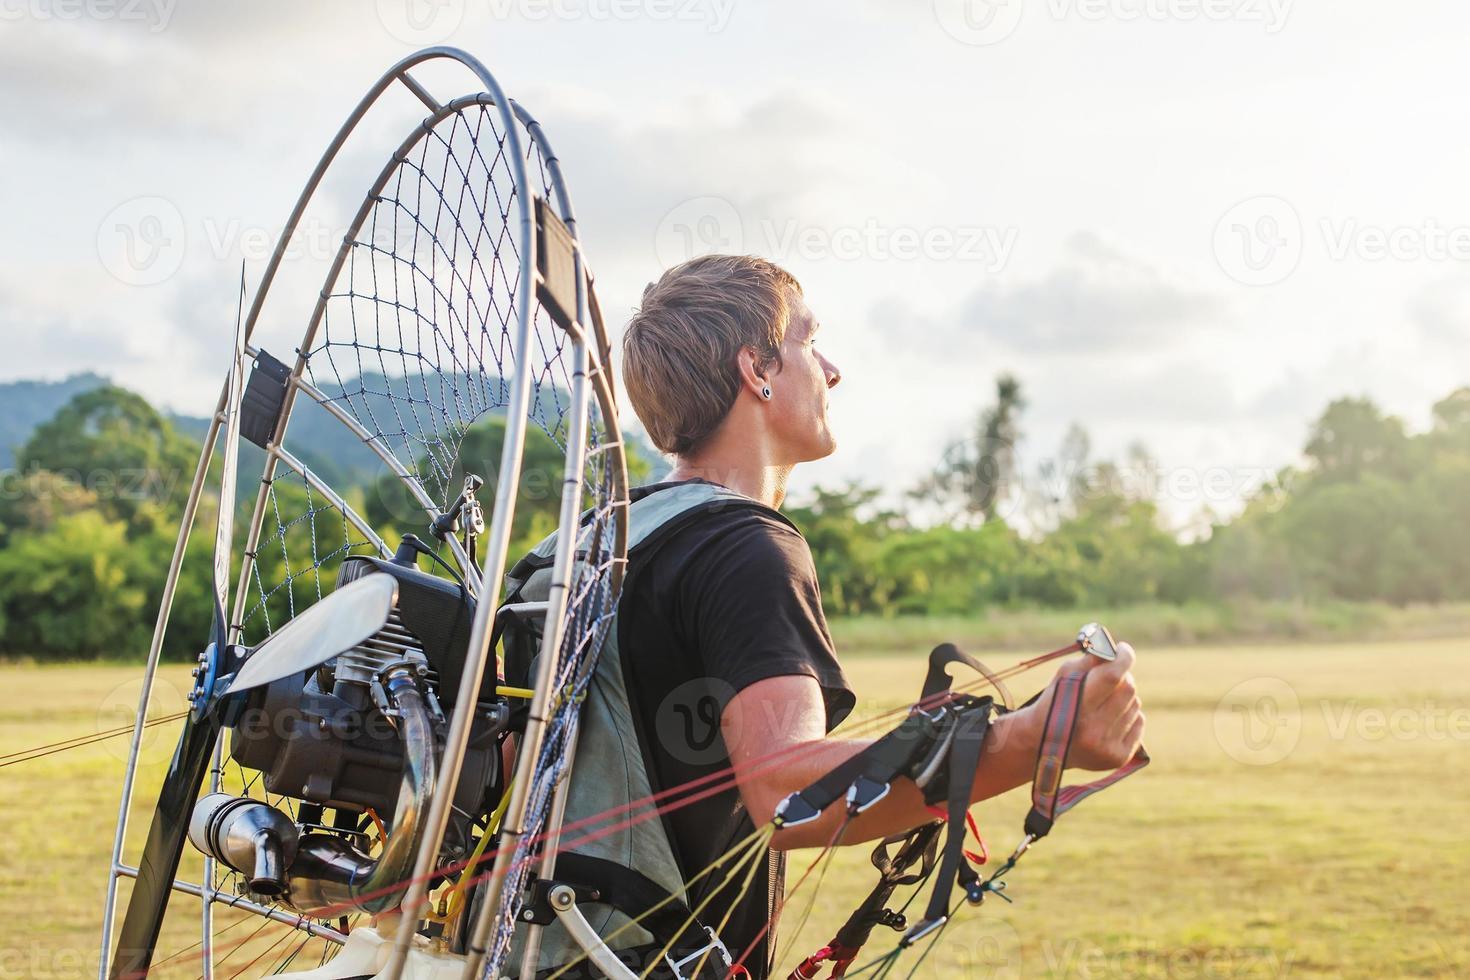 homem se preparando para o voo de parapente foto